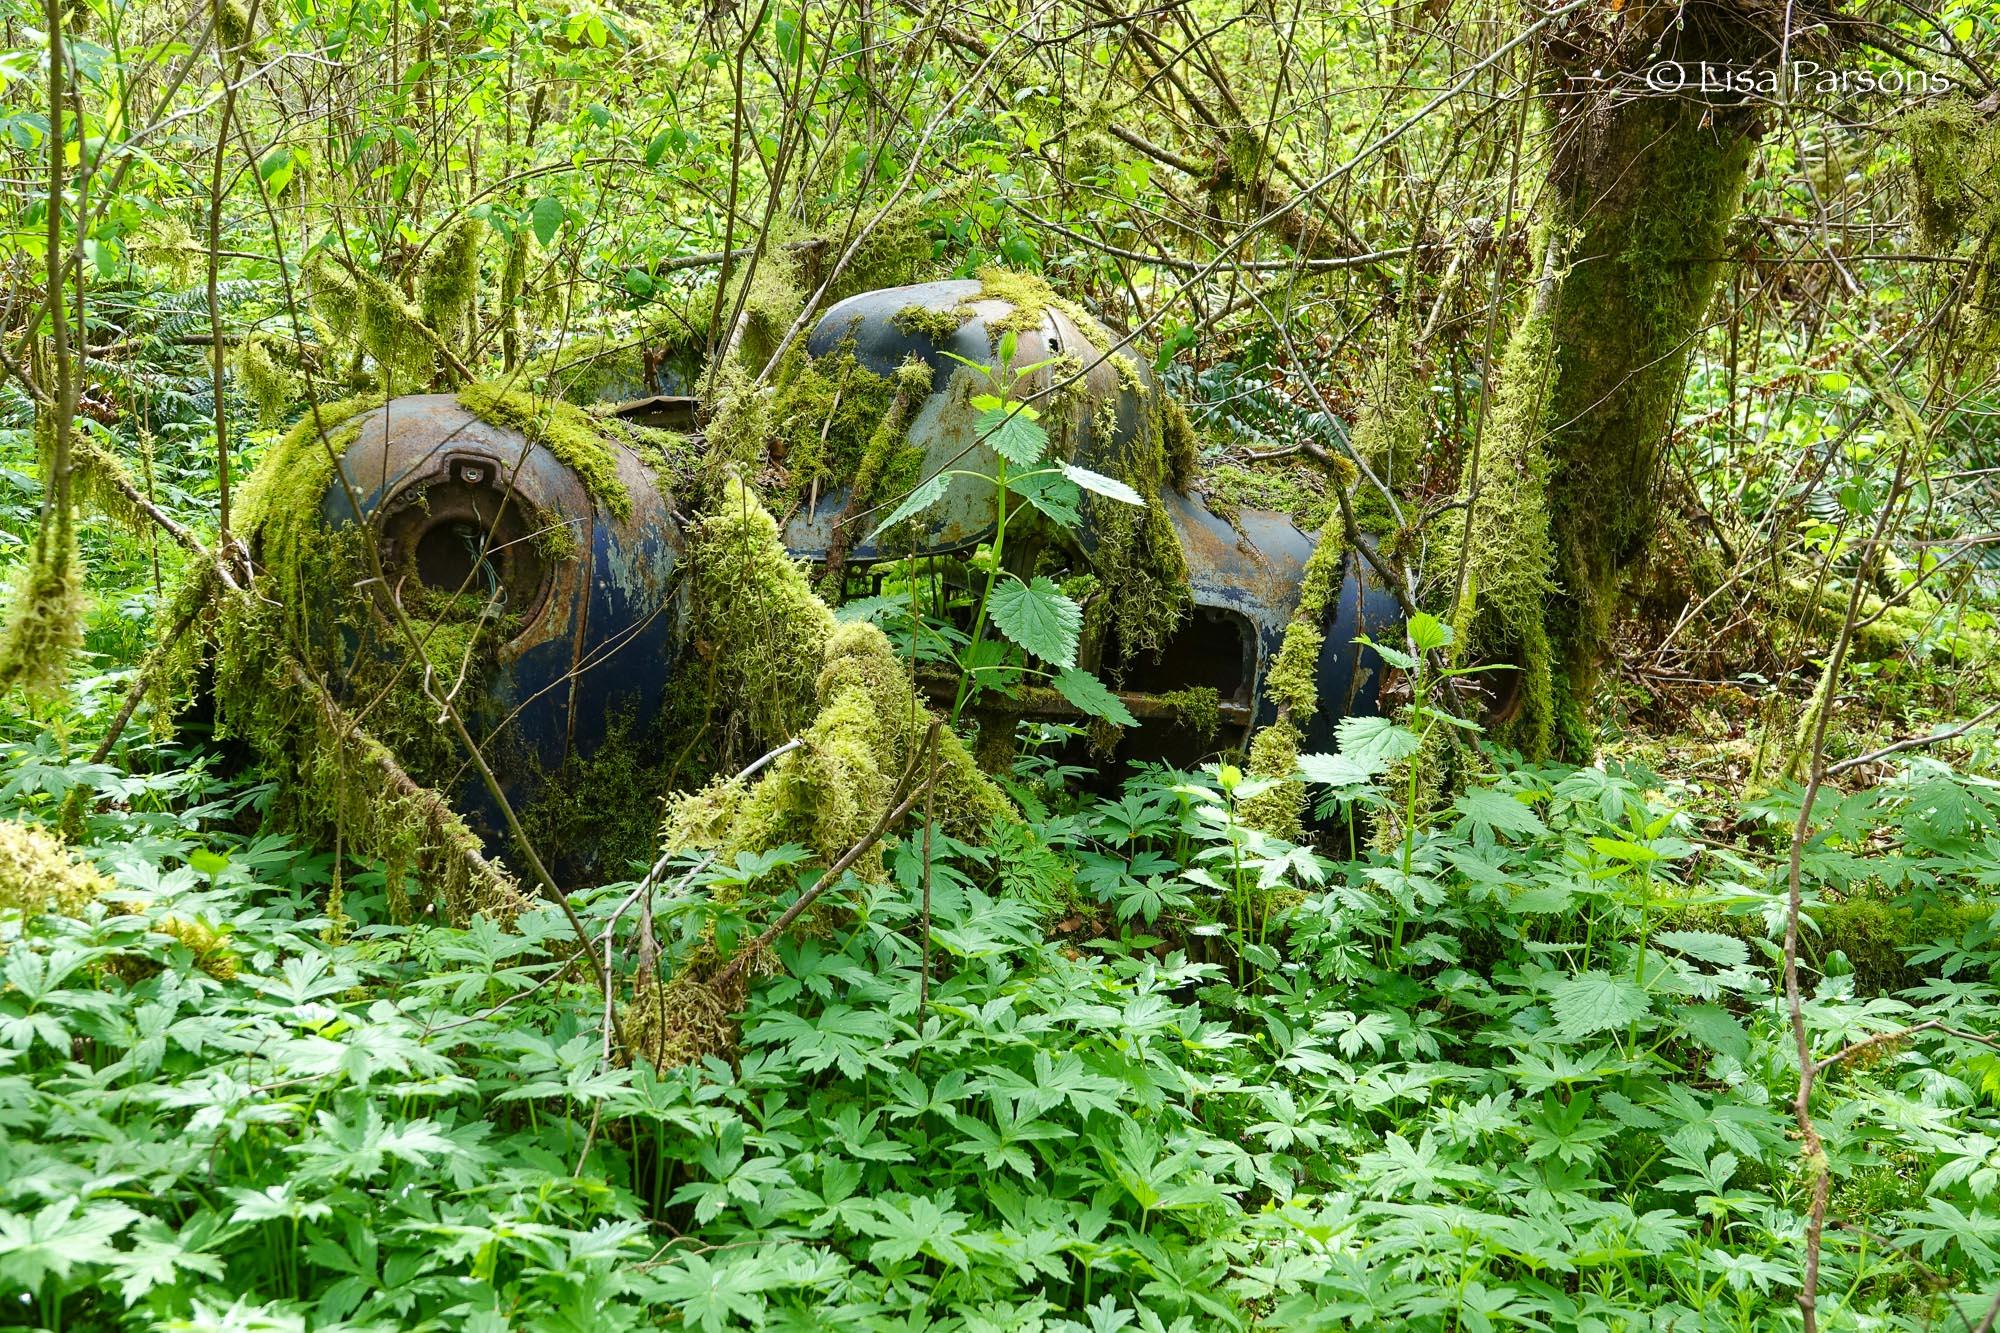 Old Abandoned Vehicle